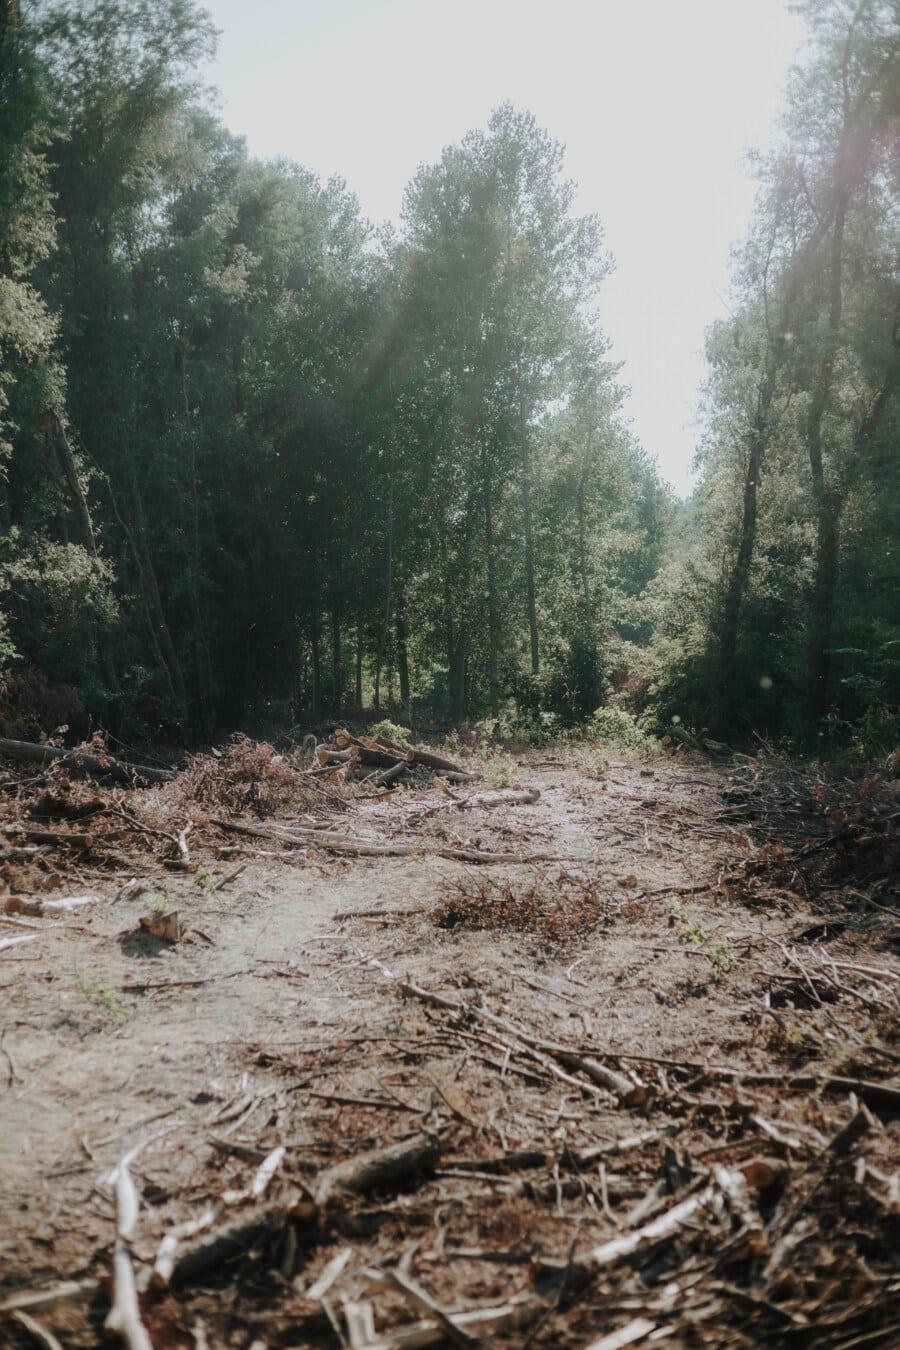 forêt, bois de chauffage, paysage, bois, nature, arbre, feuille, à l'extérieur, aube, beau temps